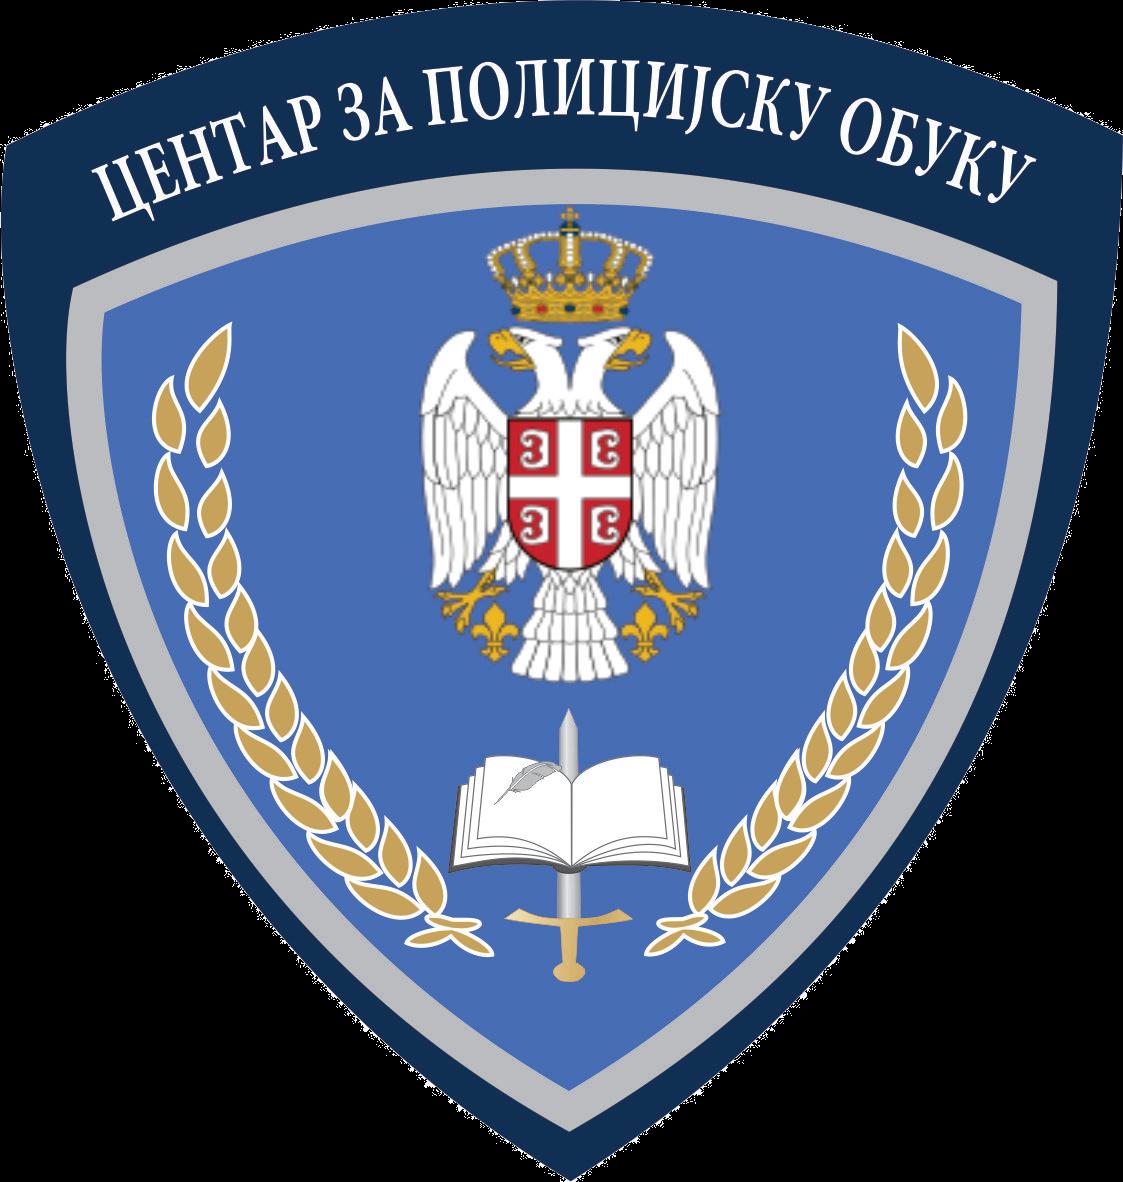 Centar za policijsku obuku